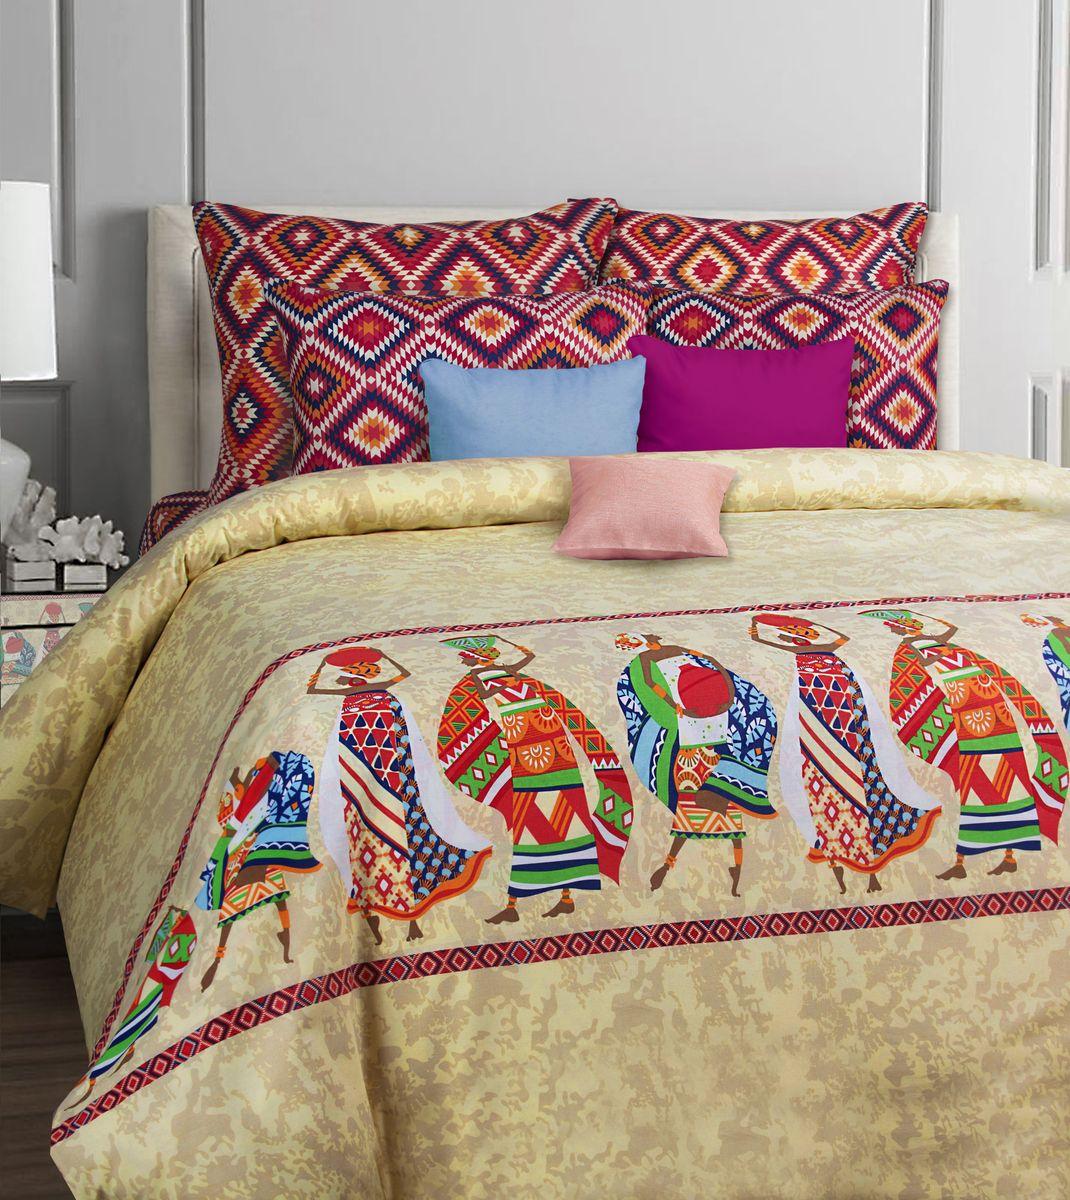 Комплект постельного белья Mona Liza Classik. Afrika, 2-спальный, наволочки 50х70, бязь552205/44Коллекция постельного белья MONA LIZA Classic поражает многообразием дизайнов. Среди них легко подобрать необходимый рисунок, который создаст в доме уют. Комплекты выполнены из бязи 100 % хлопка.